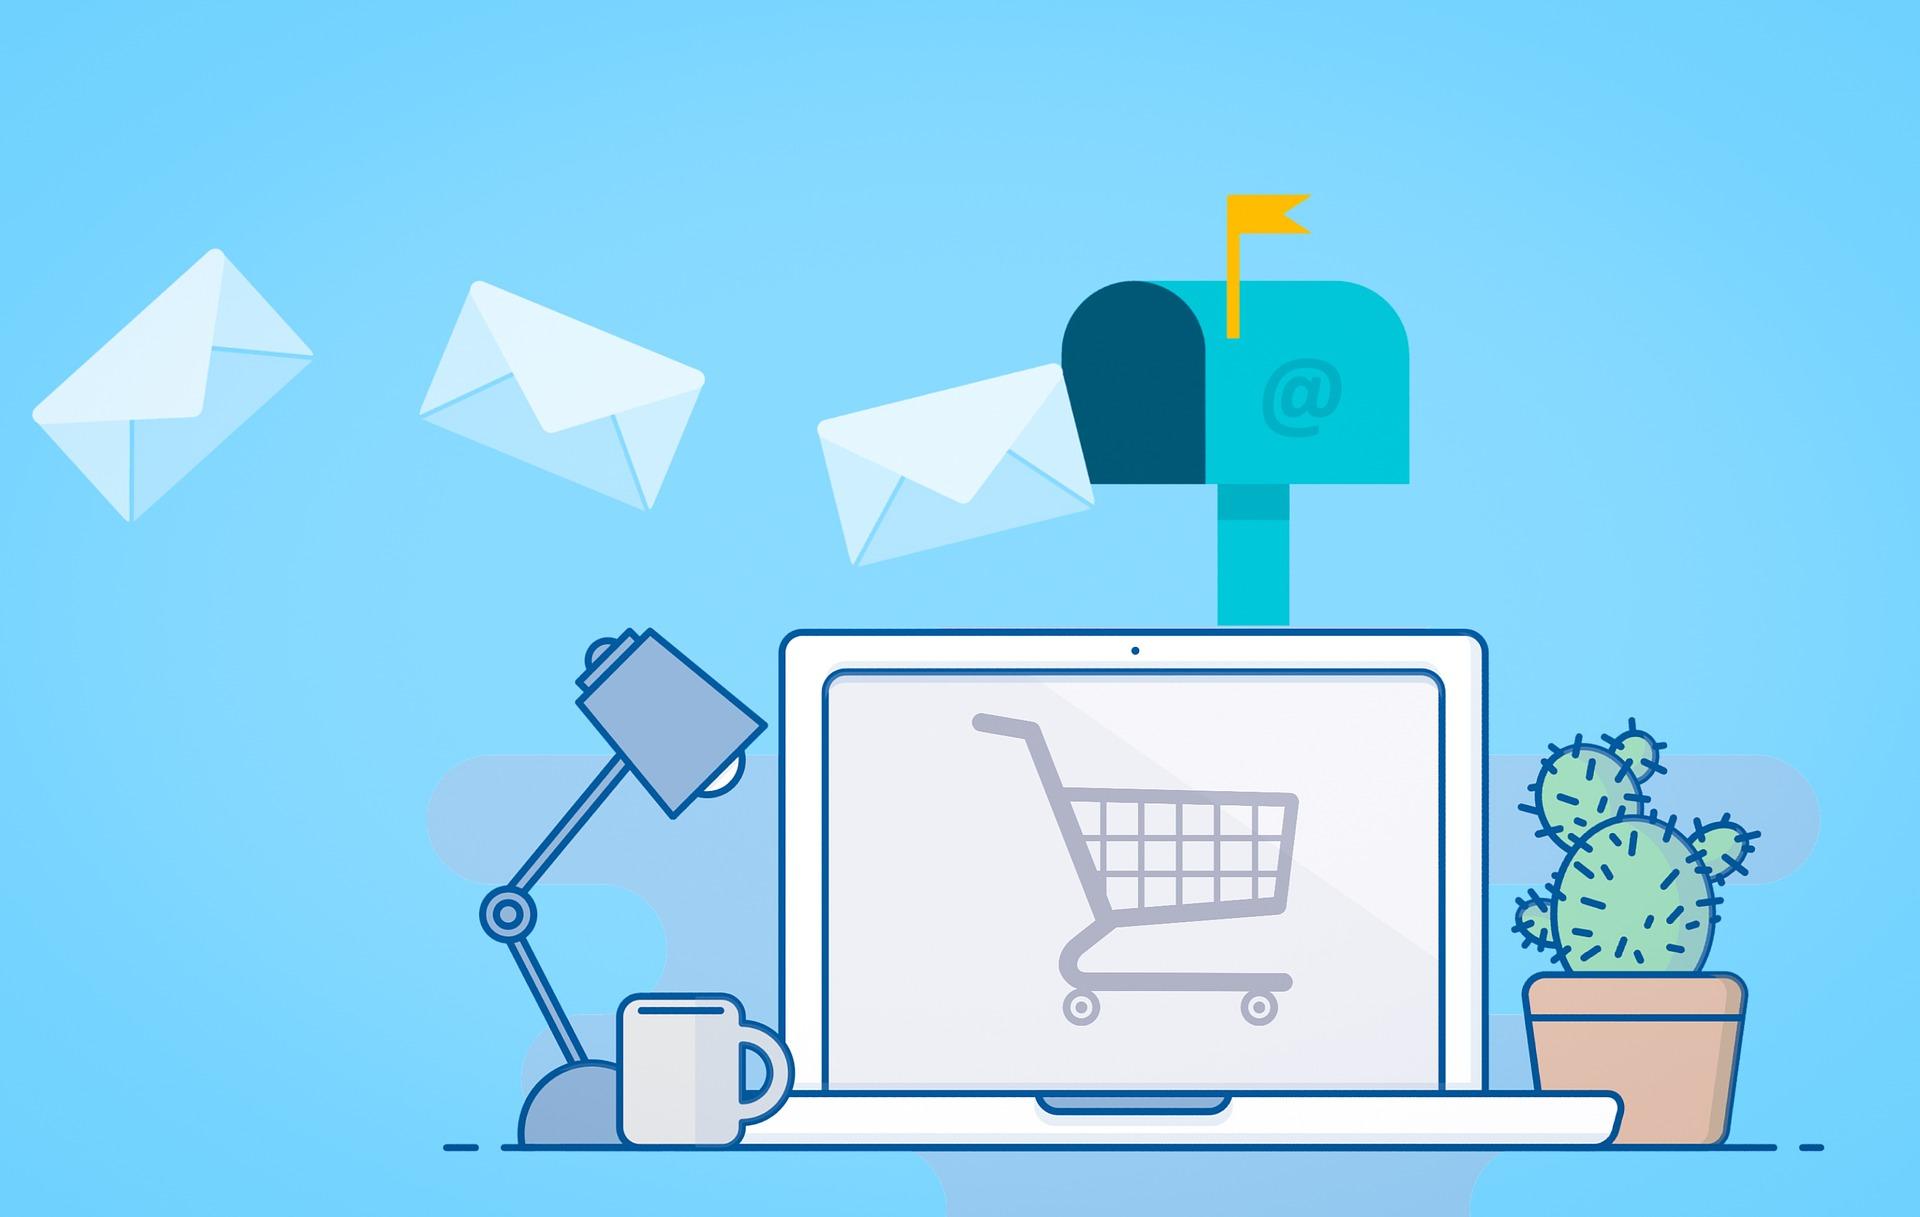 як оформити бренд Інтернет-магазину, договір